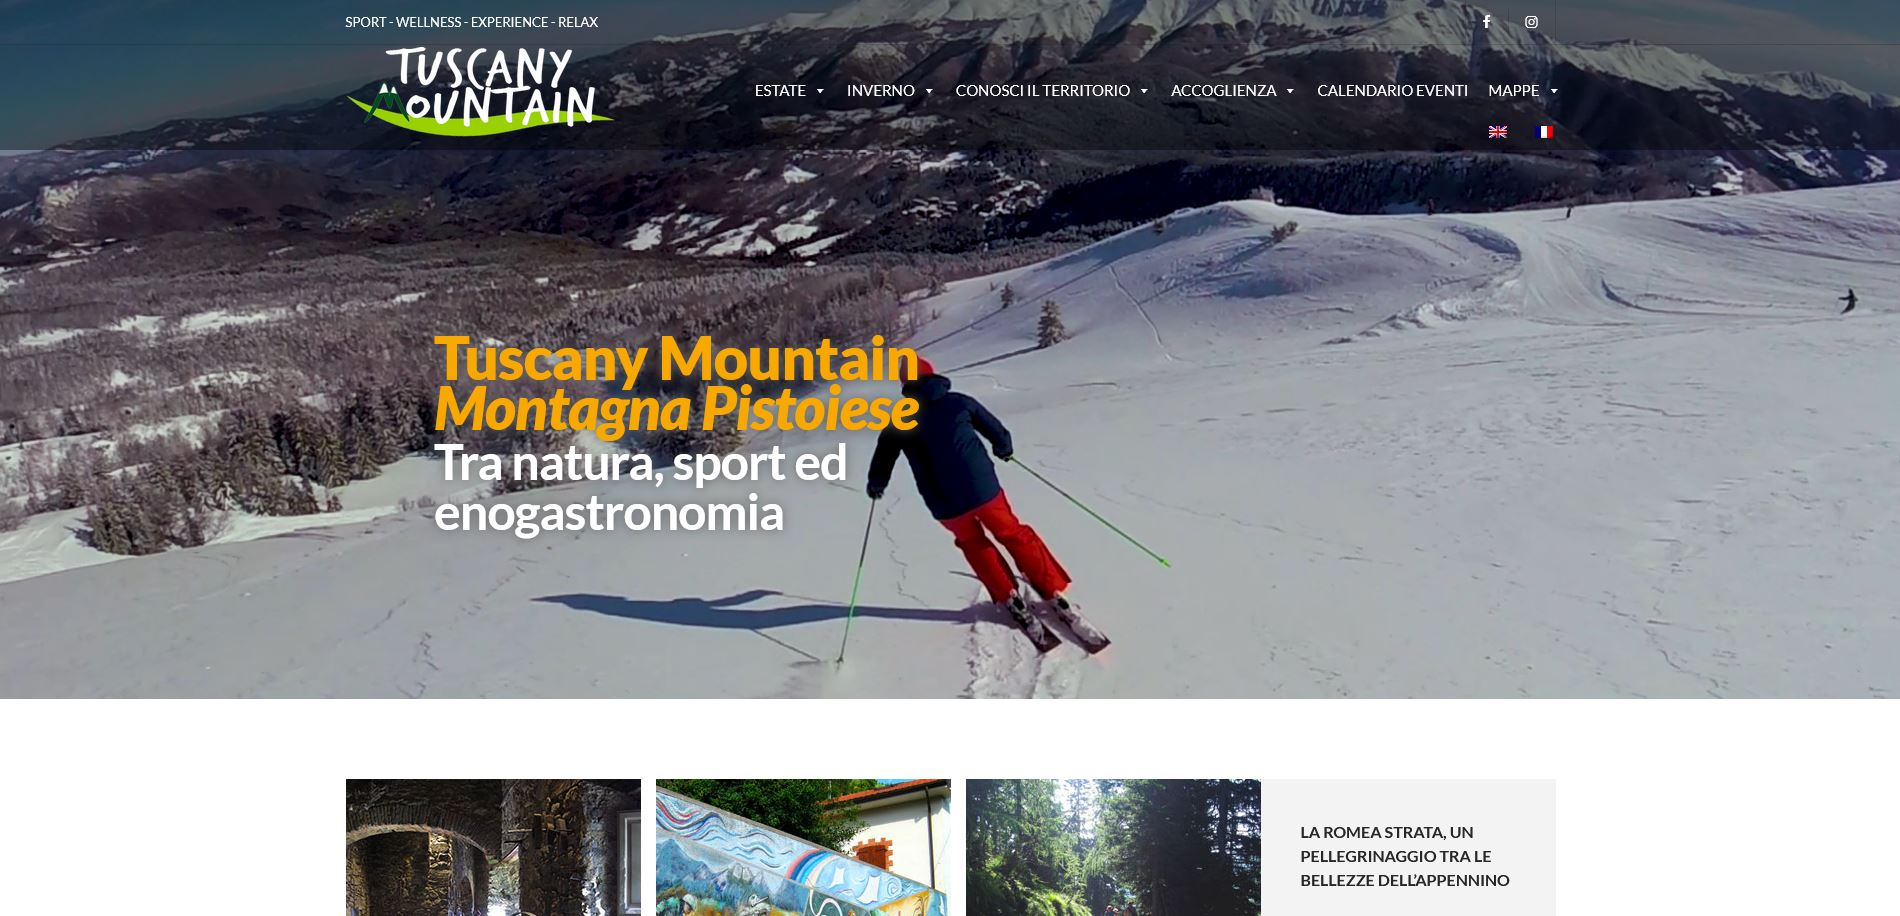 Montagna pistoiese, online il nuovo portale turistico voluto da Comune di San Marcello Piteglio e Obiettivo Pistoia